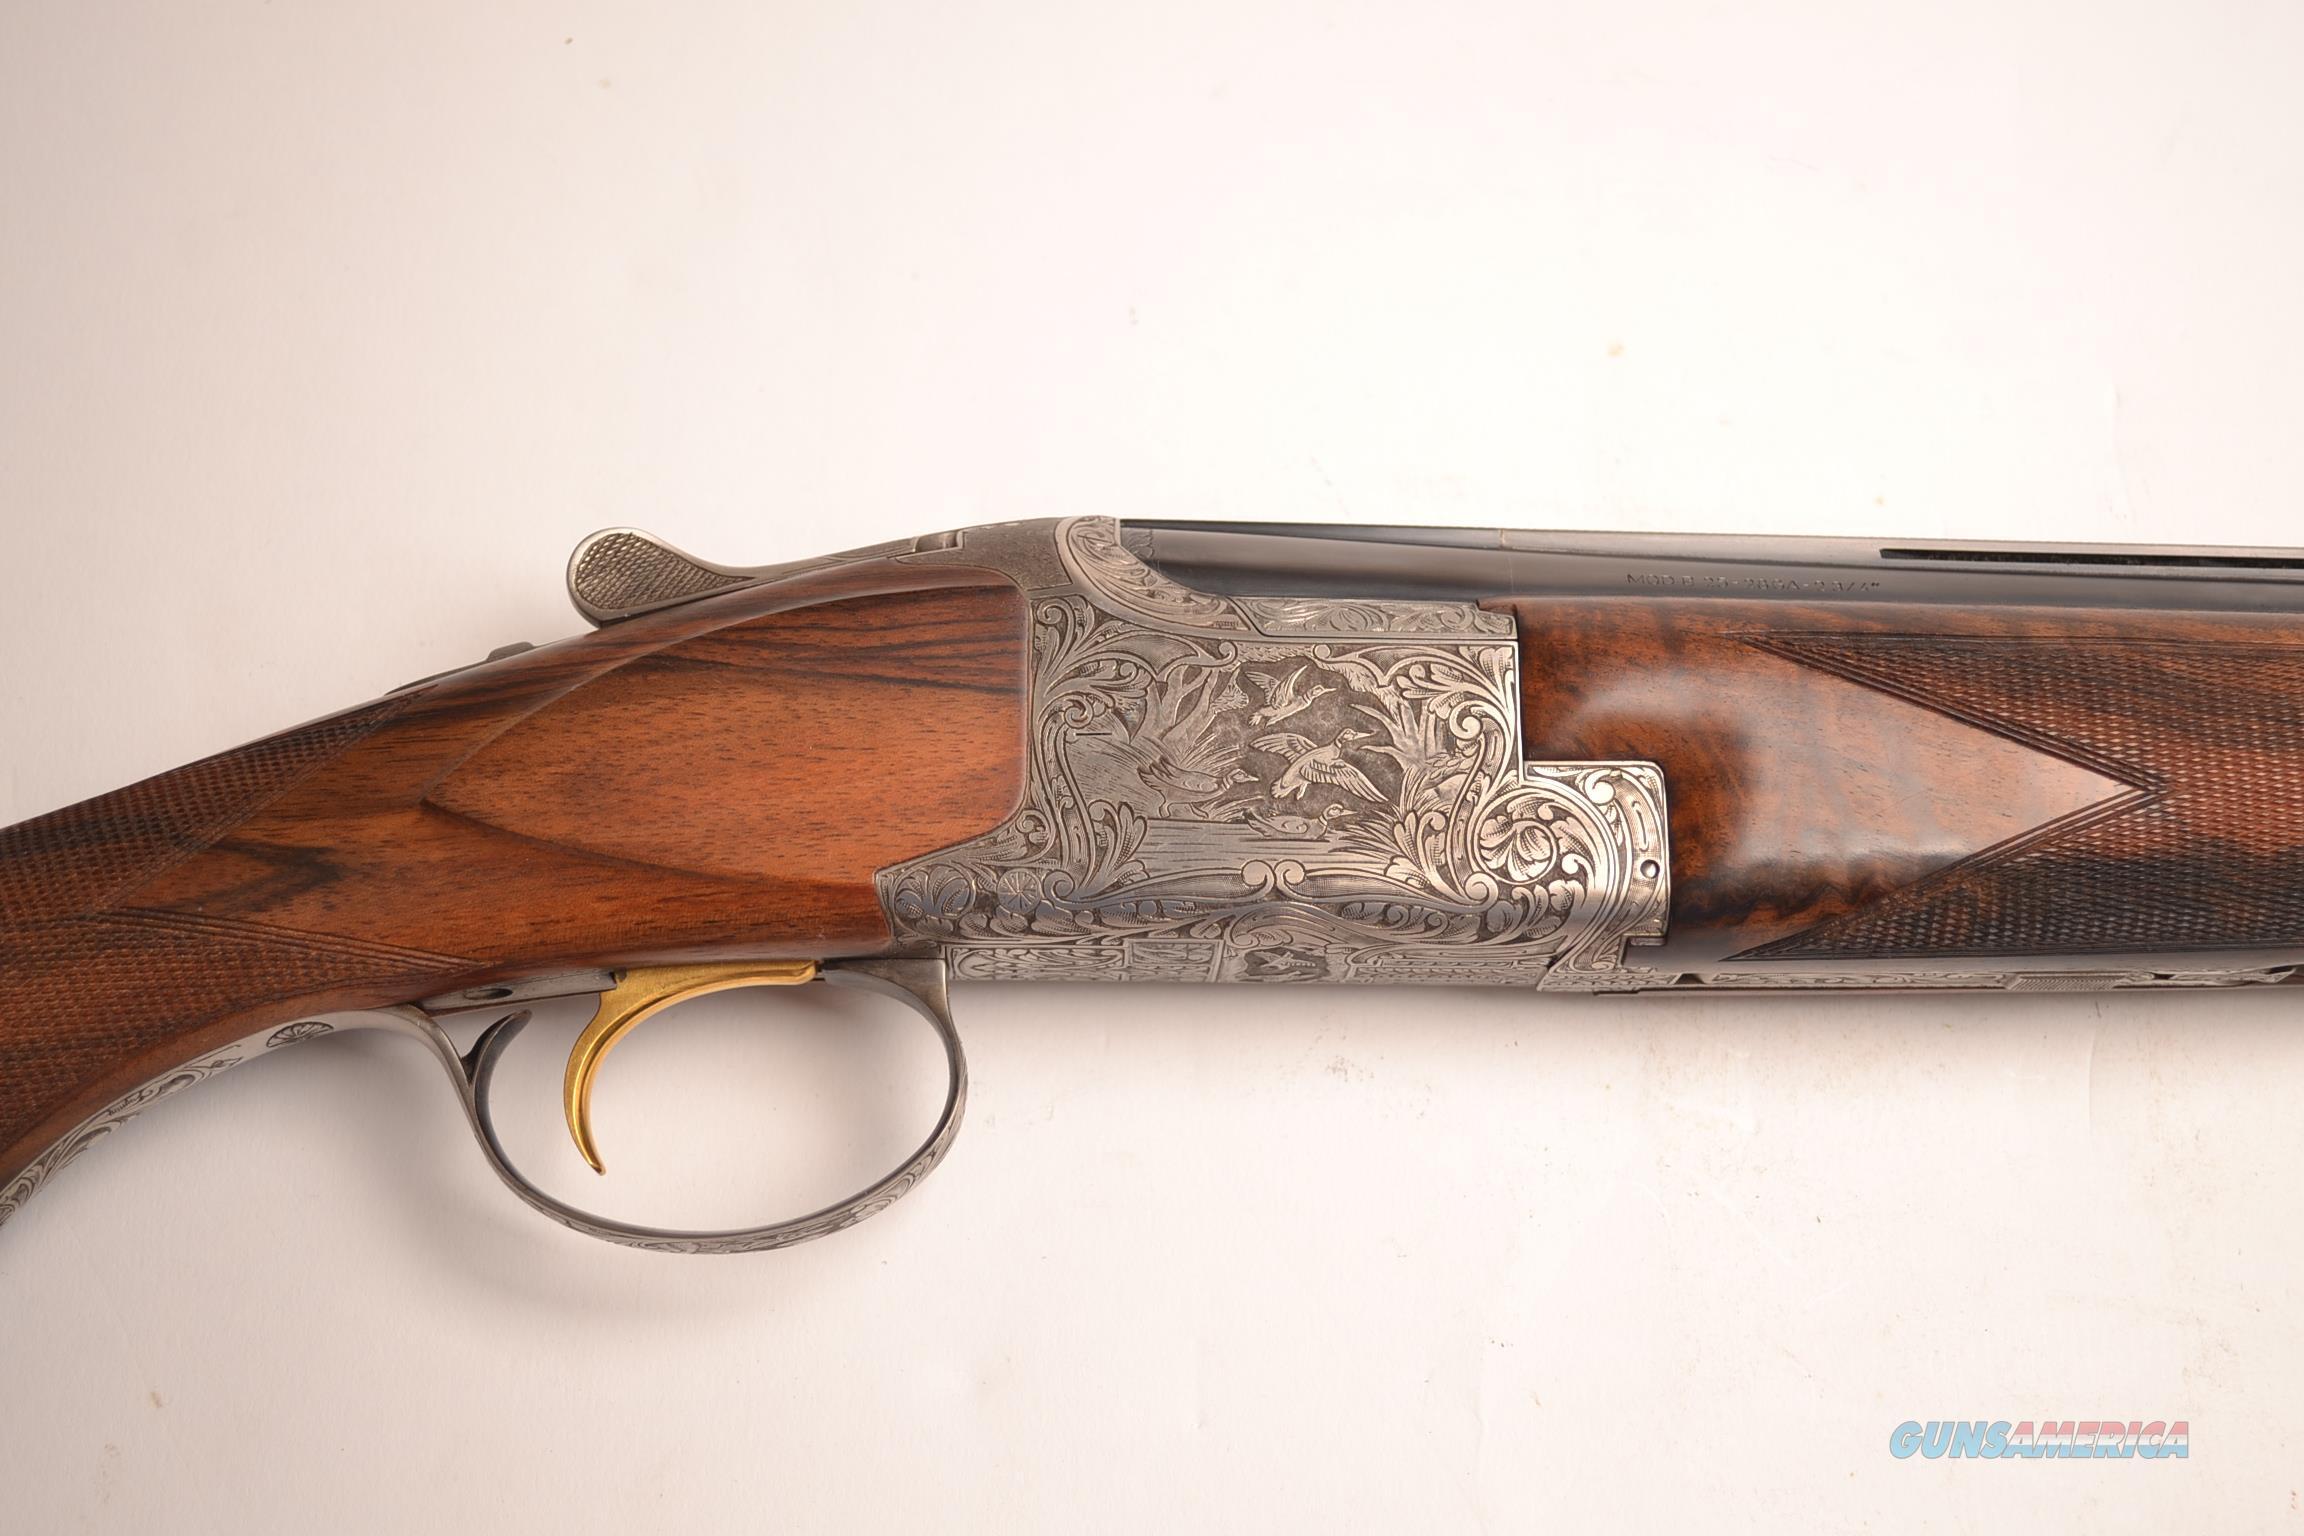 Browning - Diana 28ga.  Guns > Shotguns > Browning Shotguns > Over Unders > Belgian Manufacture